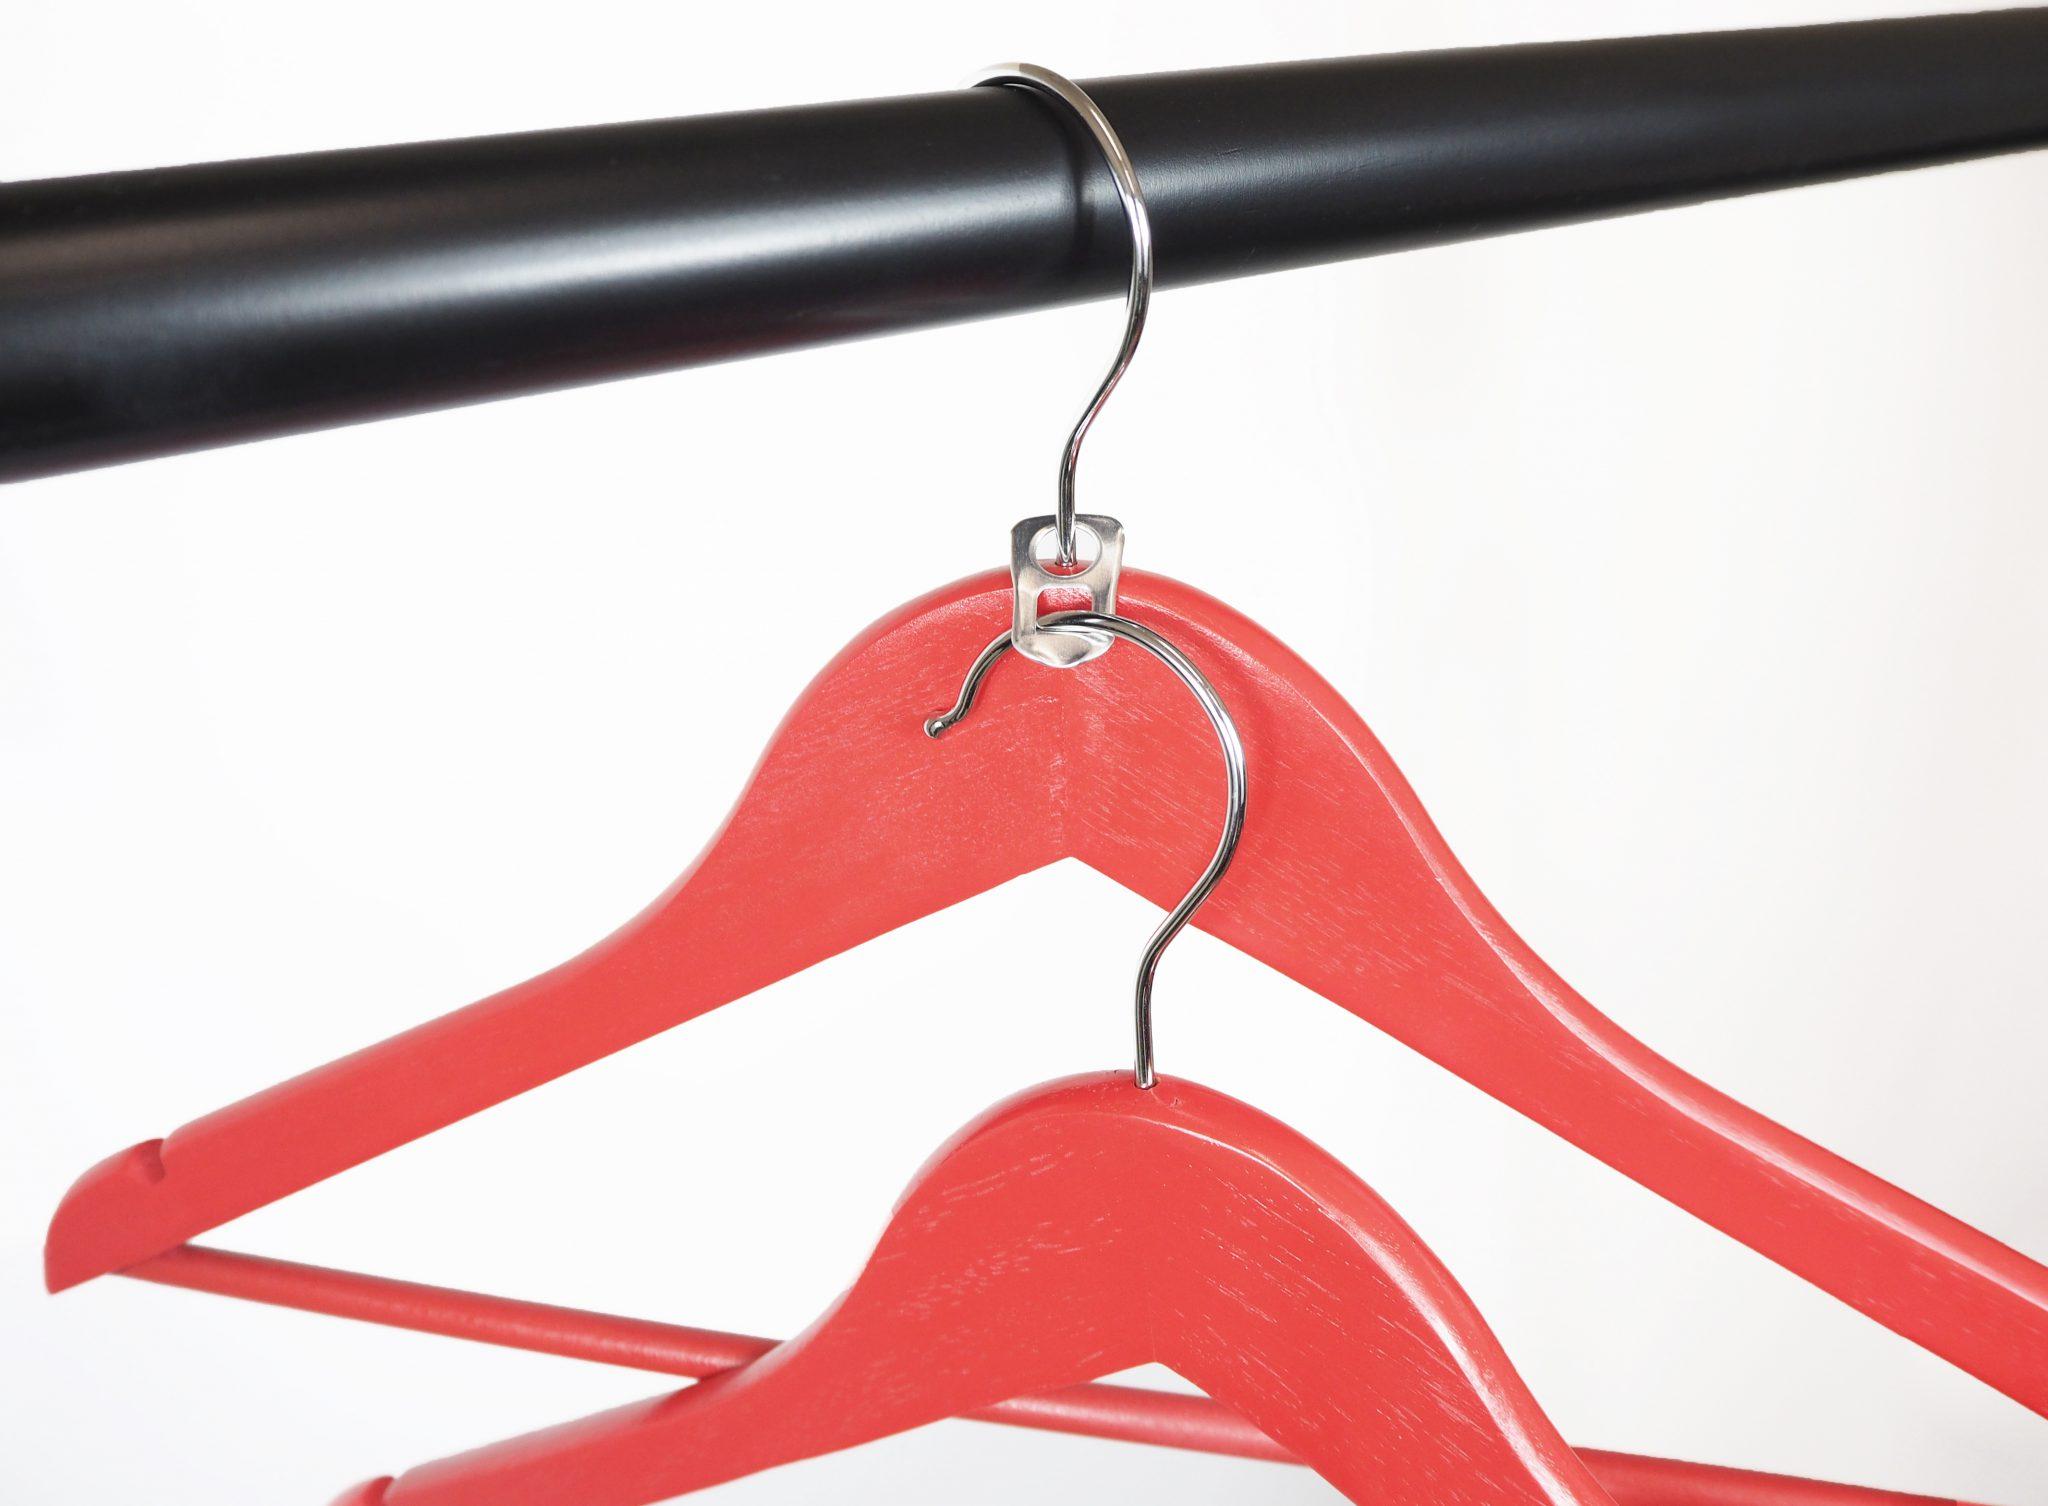 Dosenverschluss dient als Halter für einen zweiten Kleiderbügel